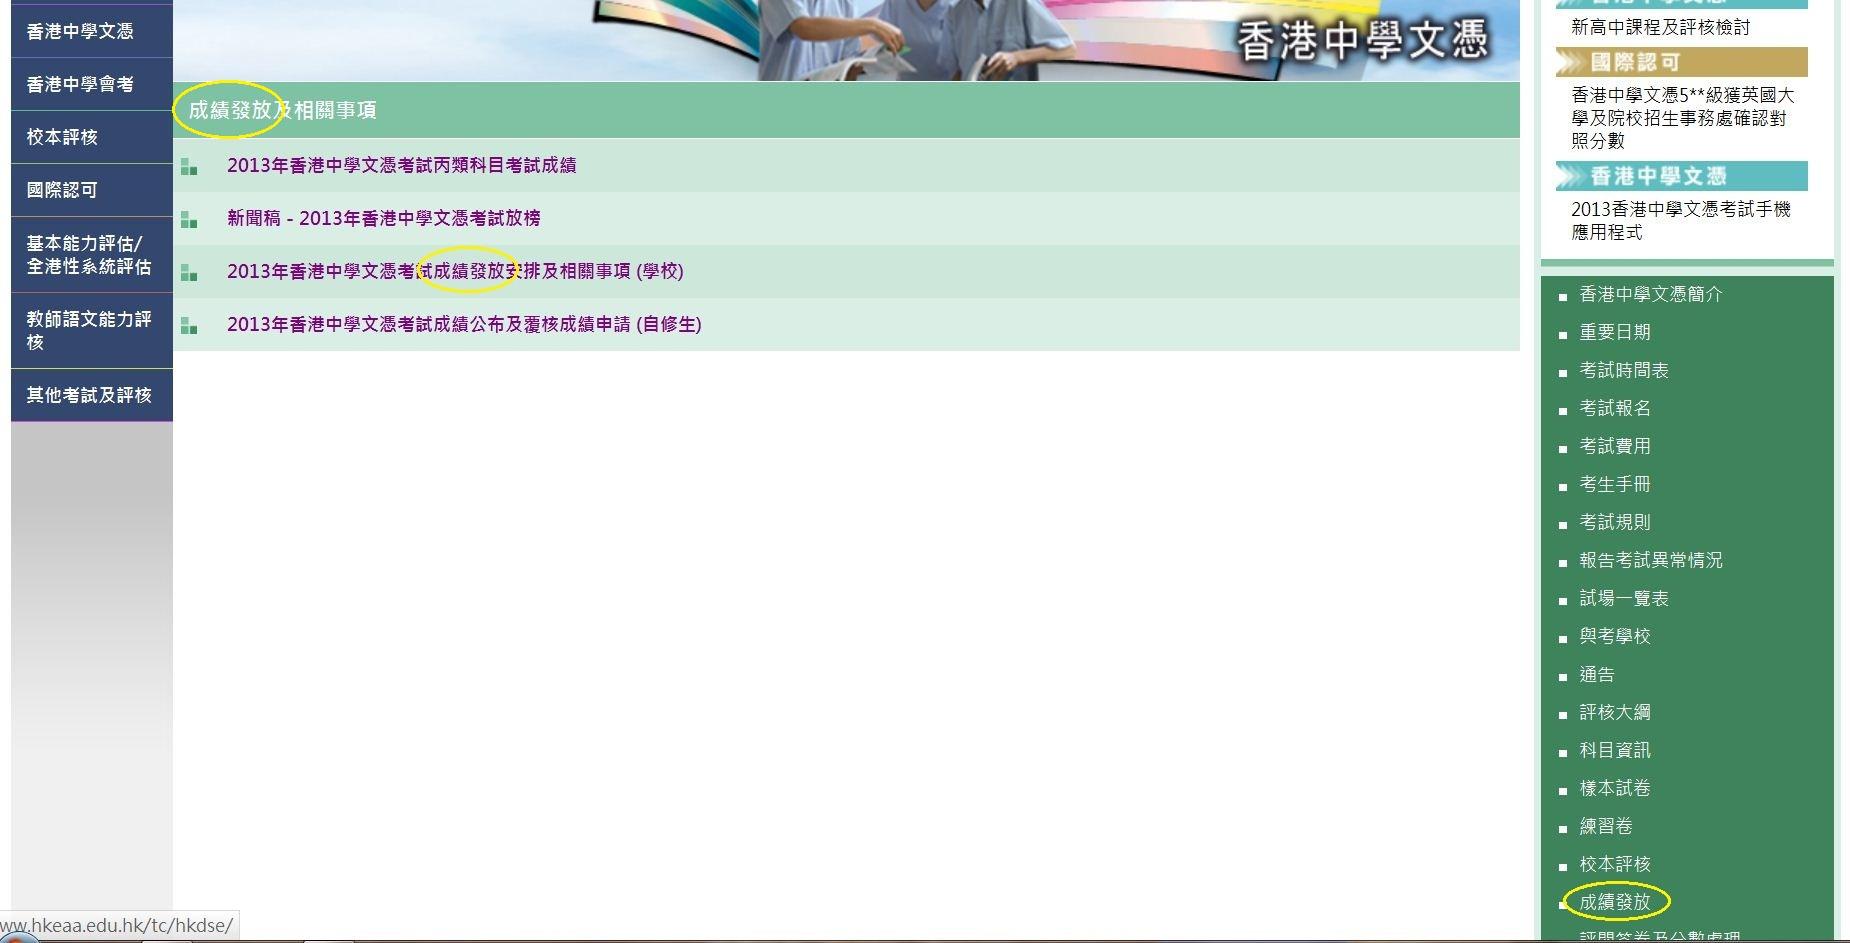 考評局令人驚訝的中文水準 ─ 「成績發放」(見黃圈)